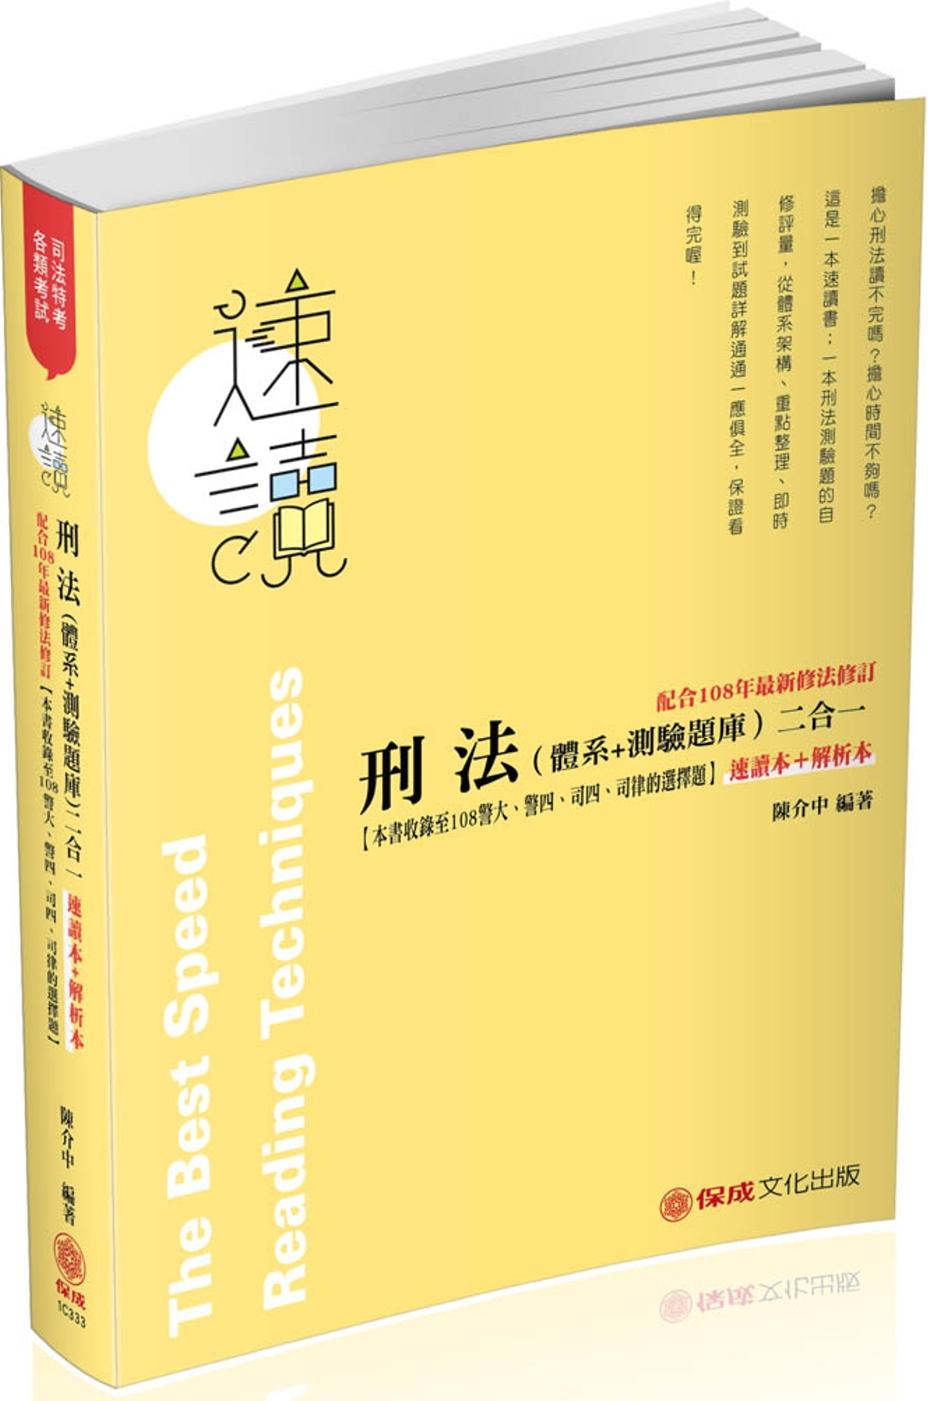 速讀:刑法(體系+測驗題庫)二合一 2020司法特考(保成)(二版)